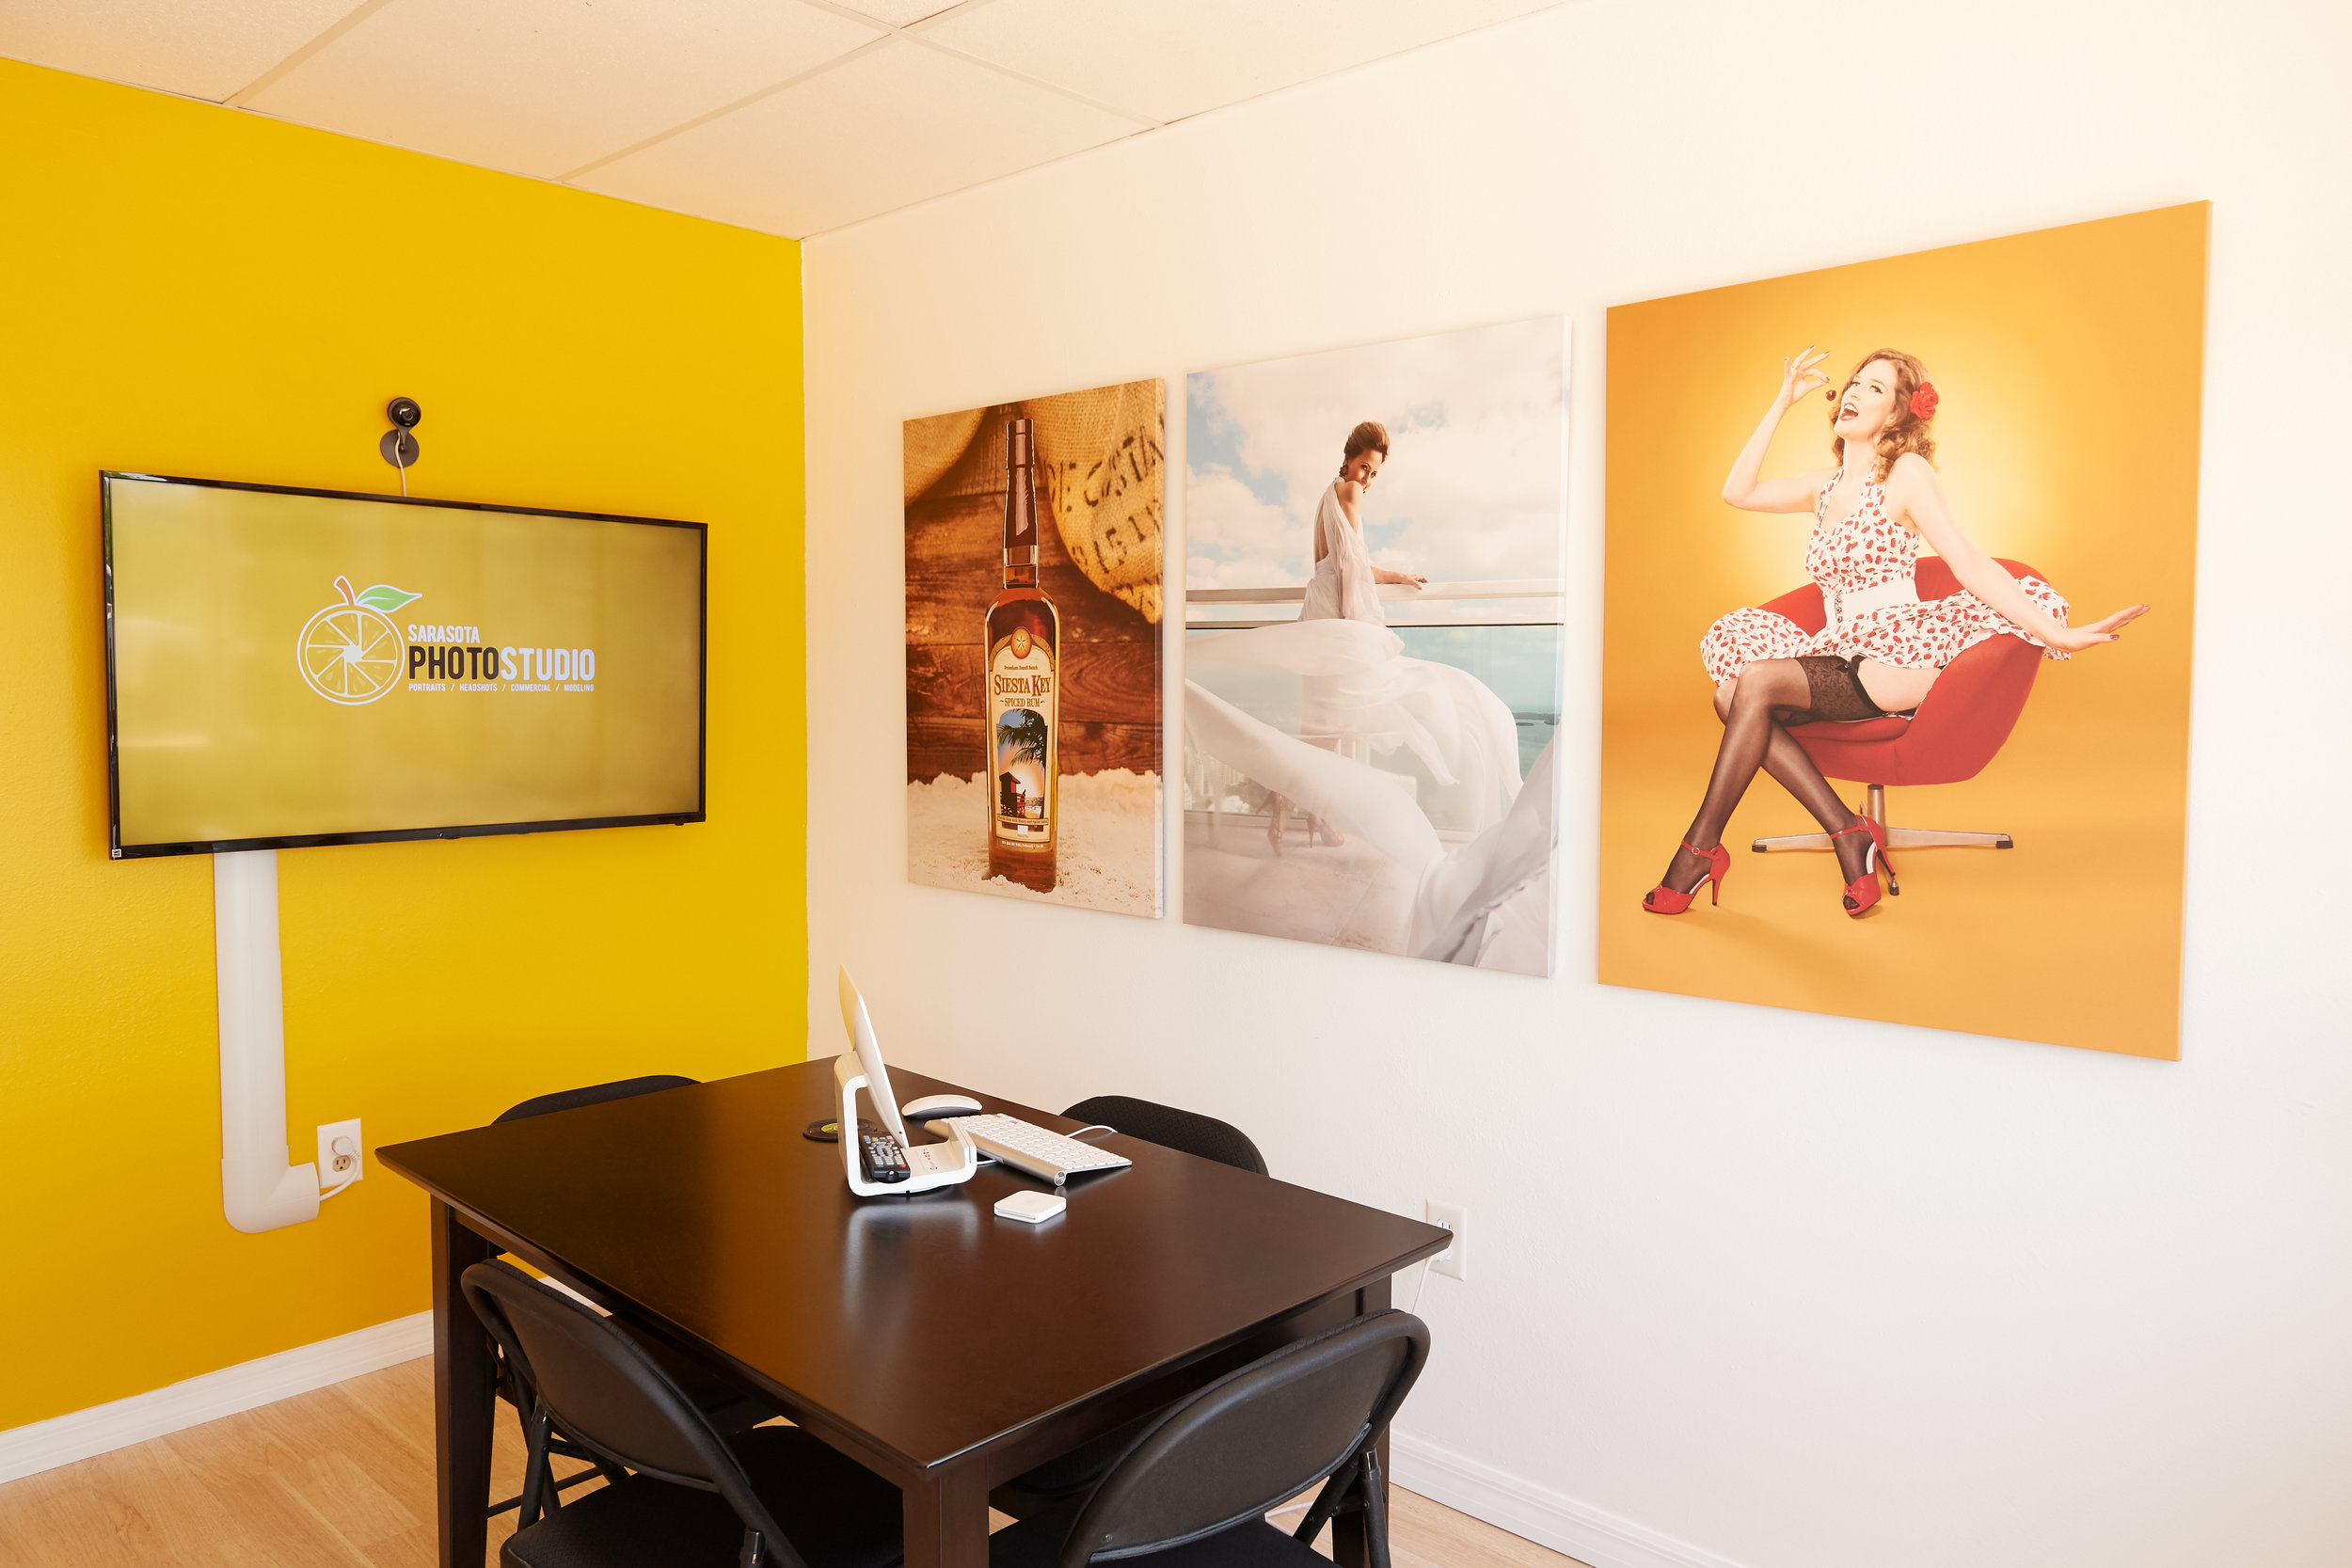 The Sarasota Photo Studio